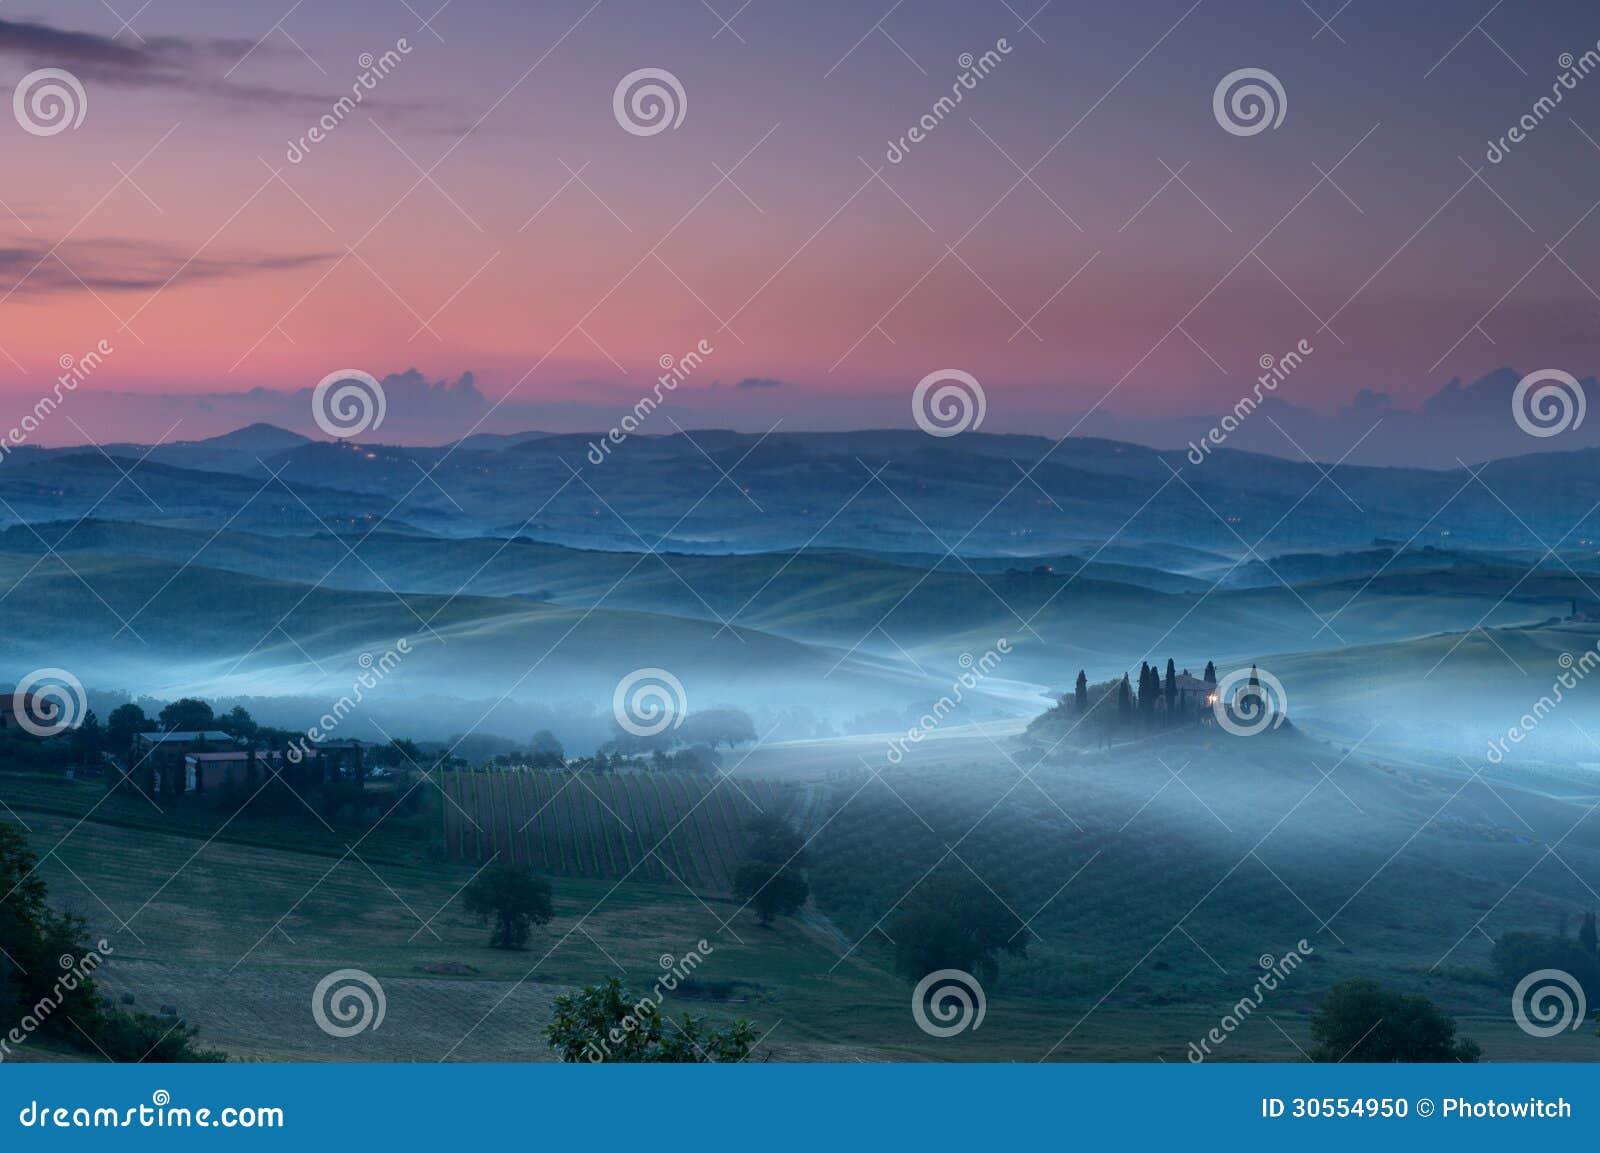 Tuscany before dawn